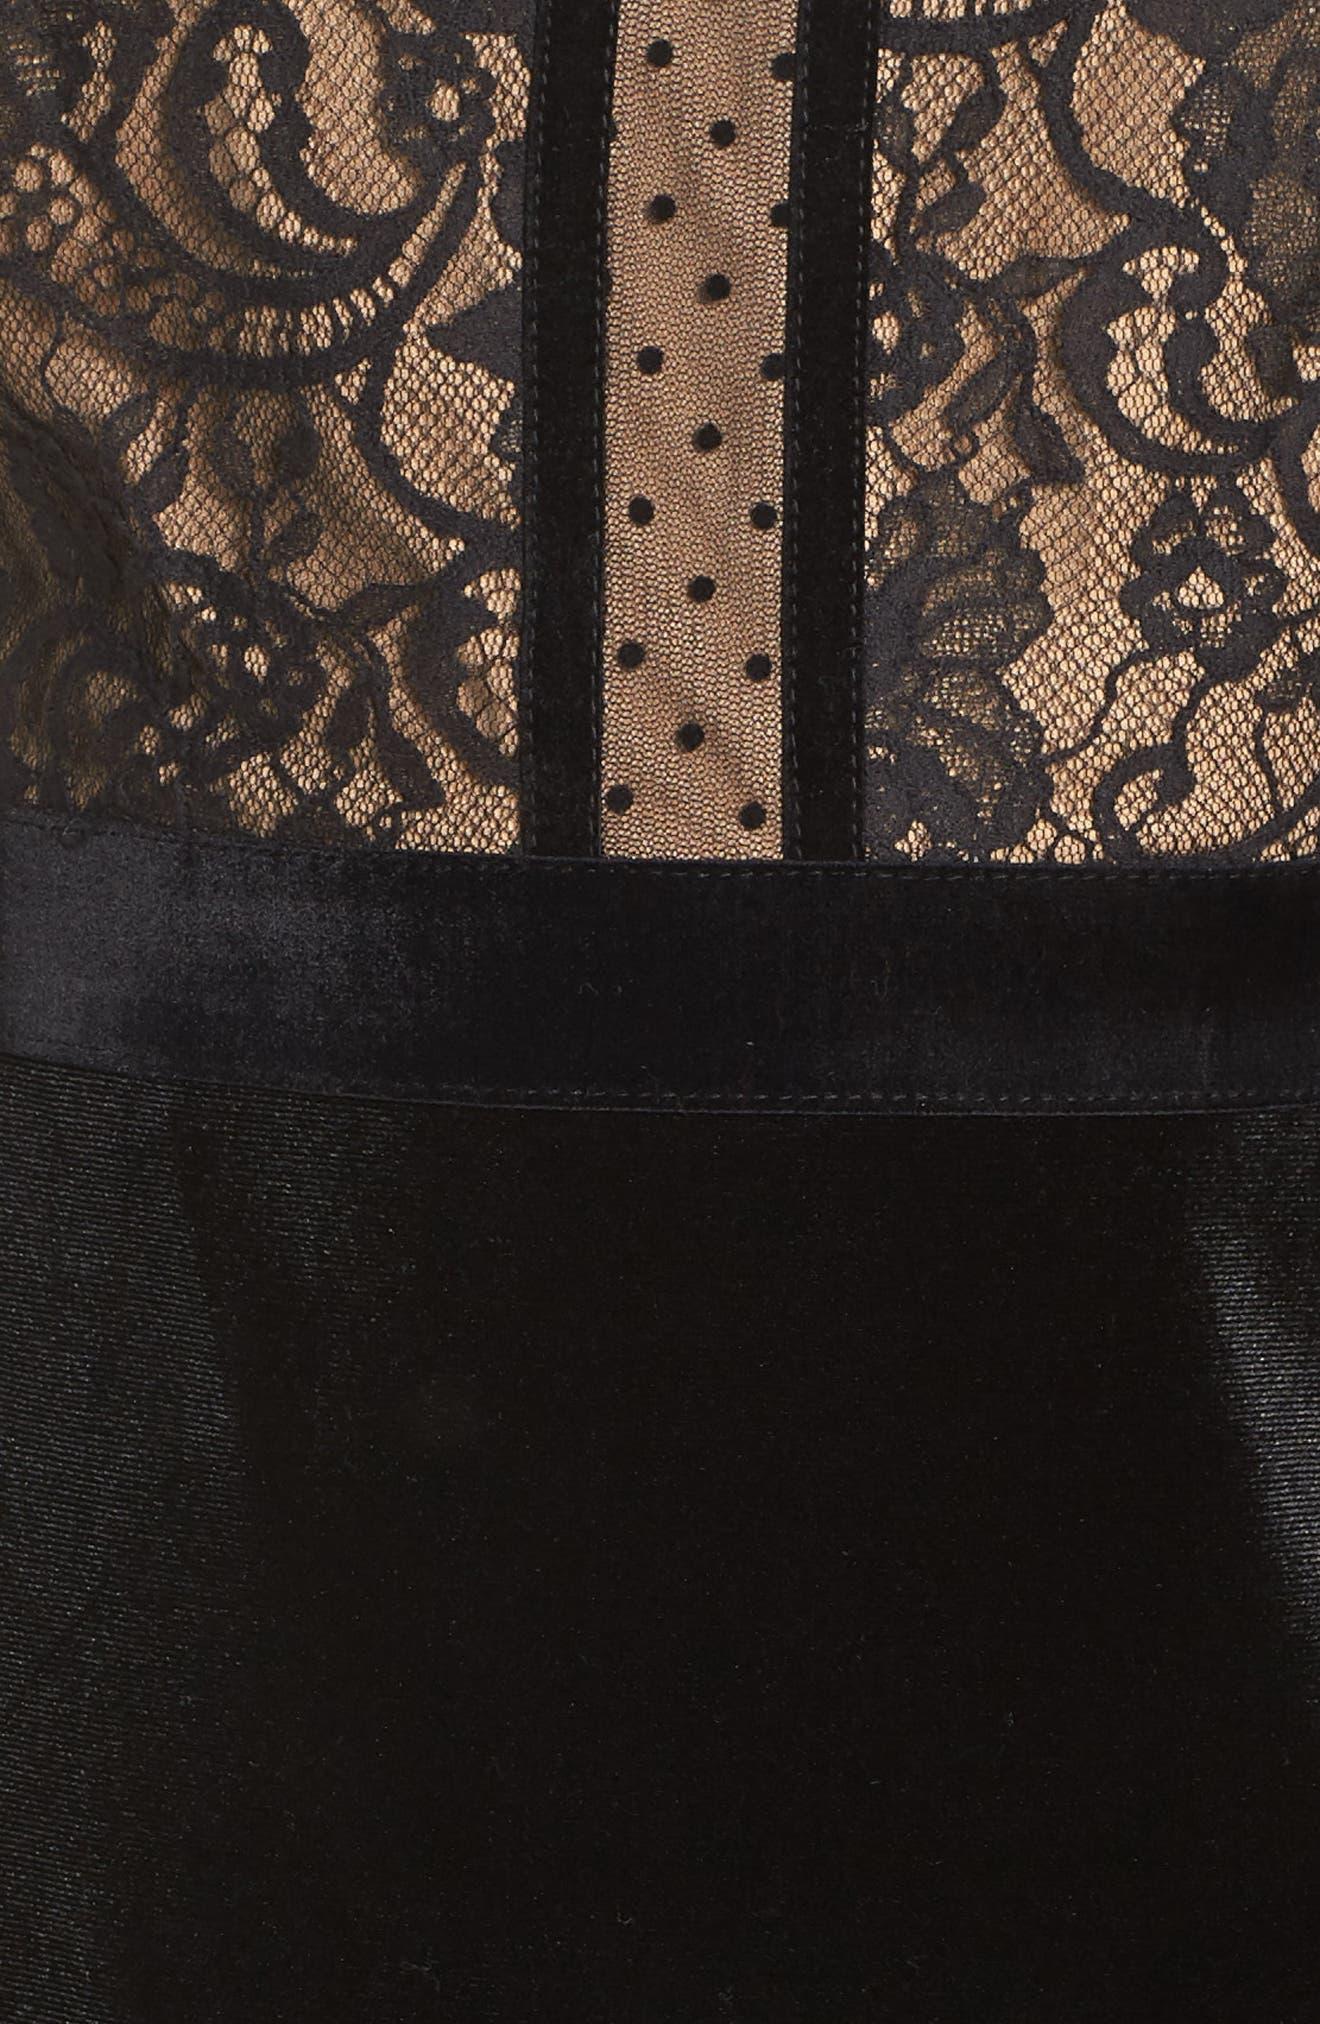 TADASHI SHOJI,                             Lace & Velvet Dress,                             Alternate thumbnail 6, color,                             BLACK/ NUDE